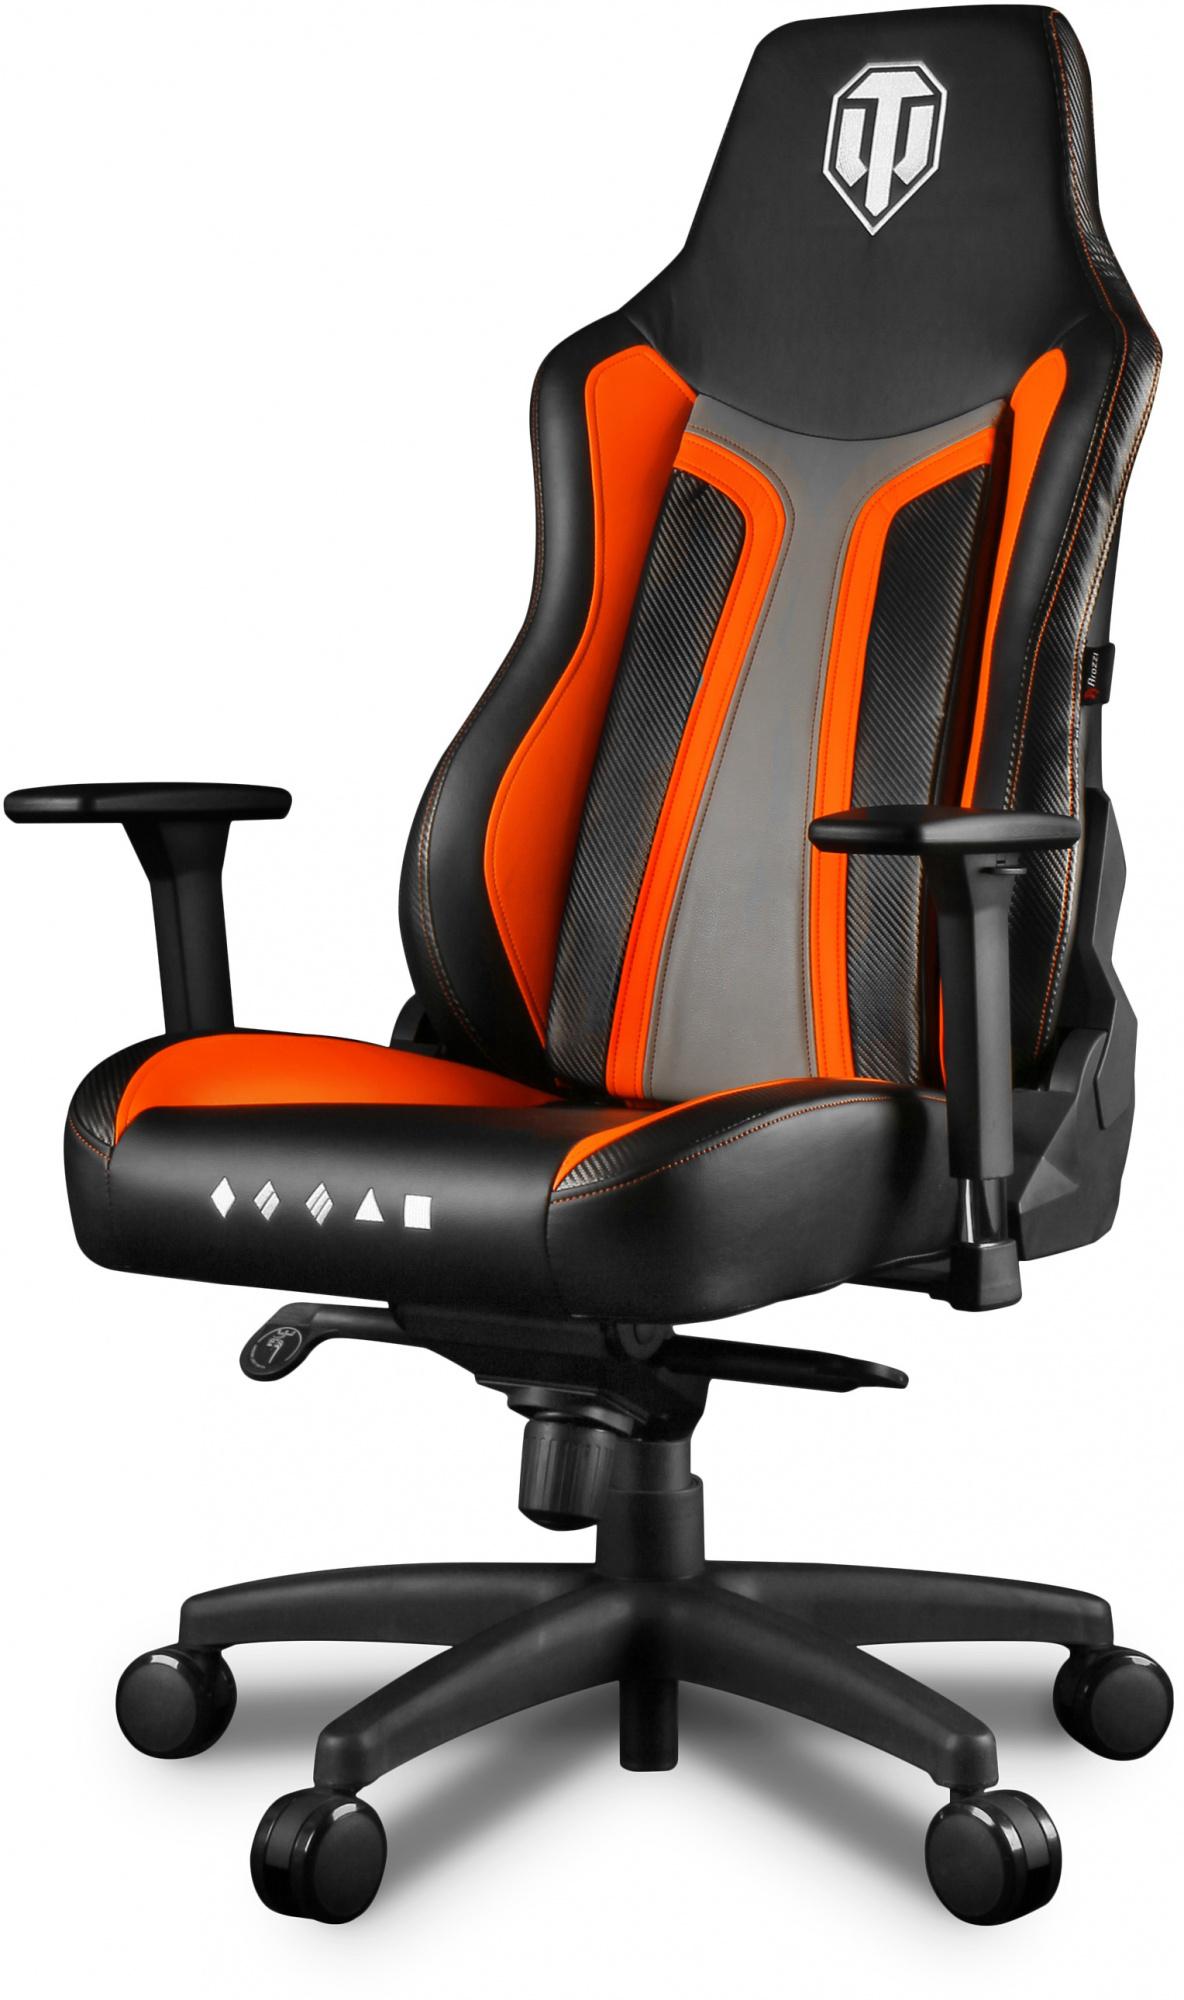 белье компьютерный кресло купить недорого в спб физической